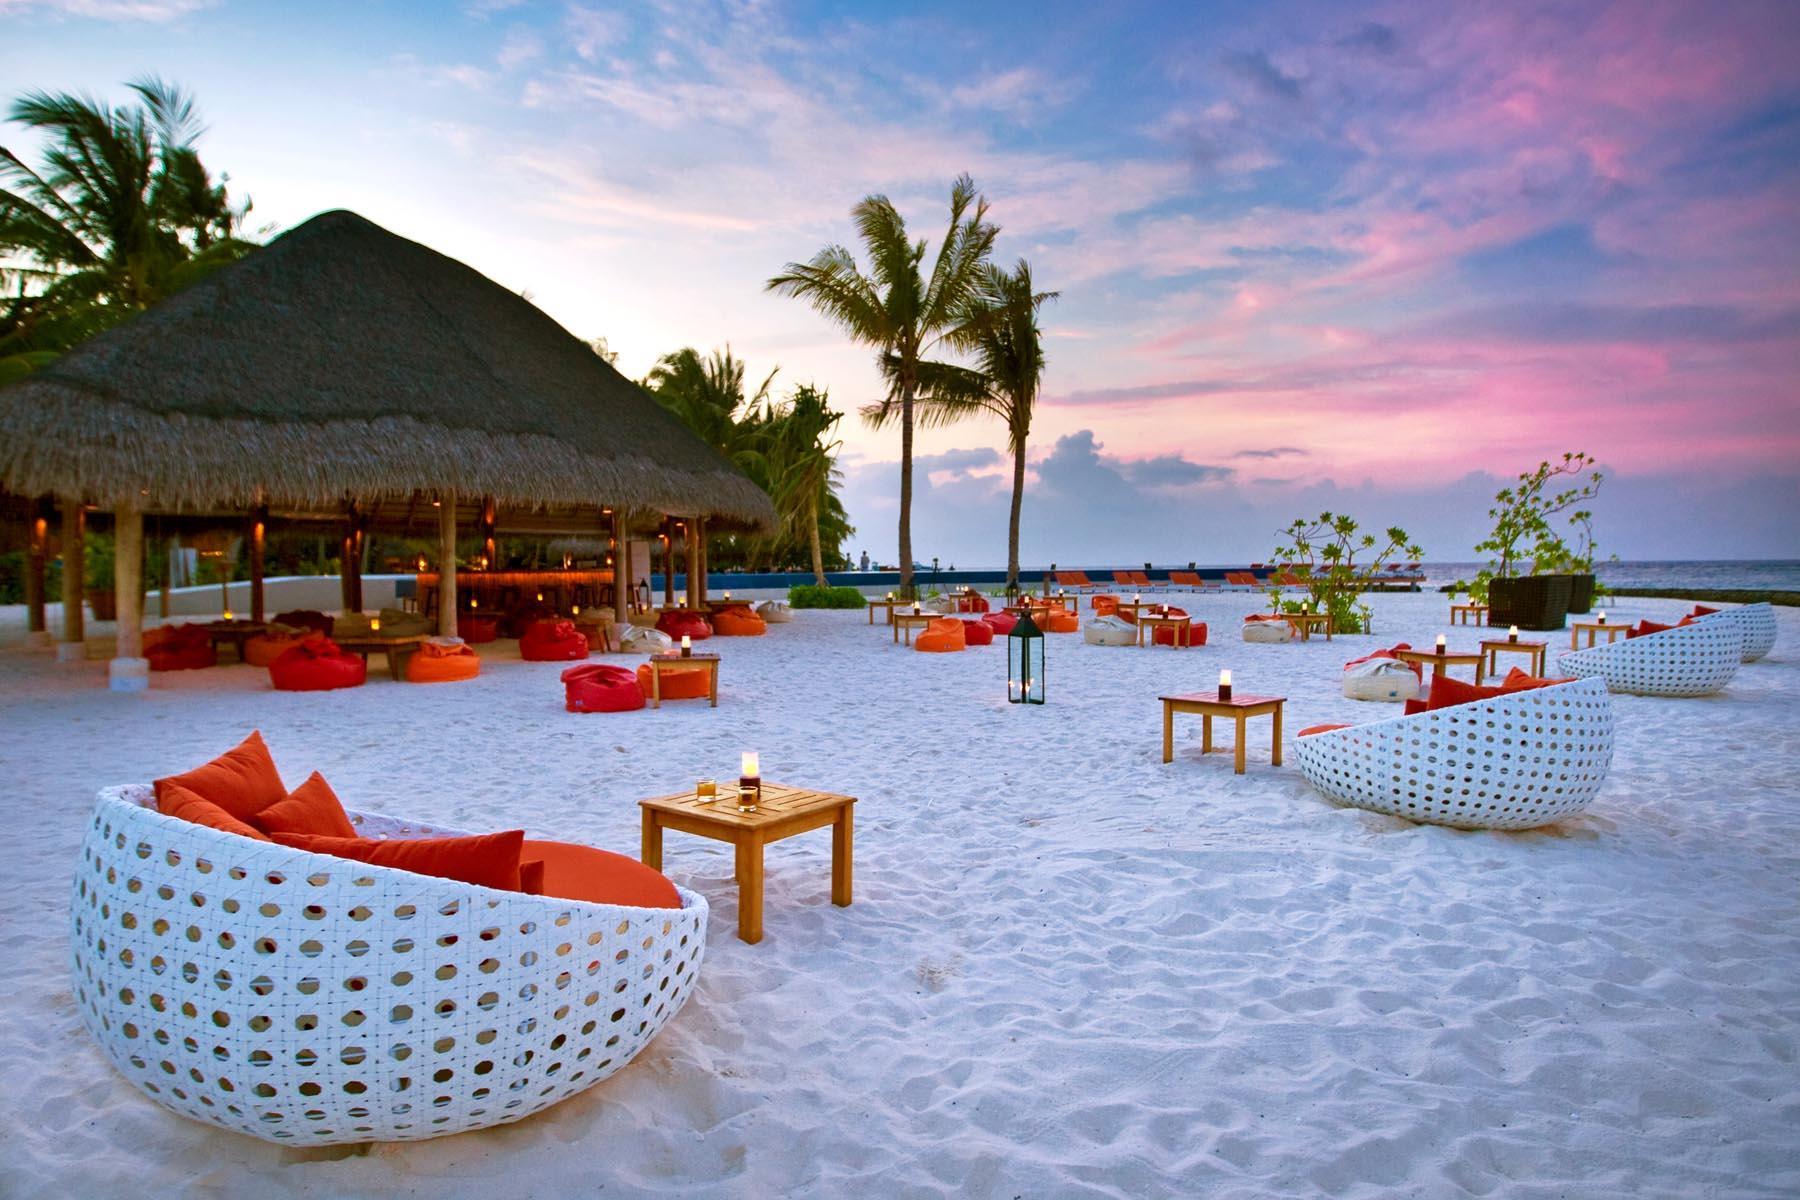 kuramathi-island-maldives-genel-0015